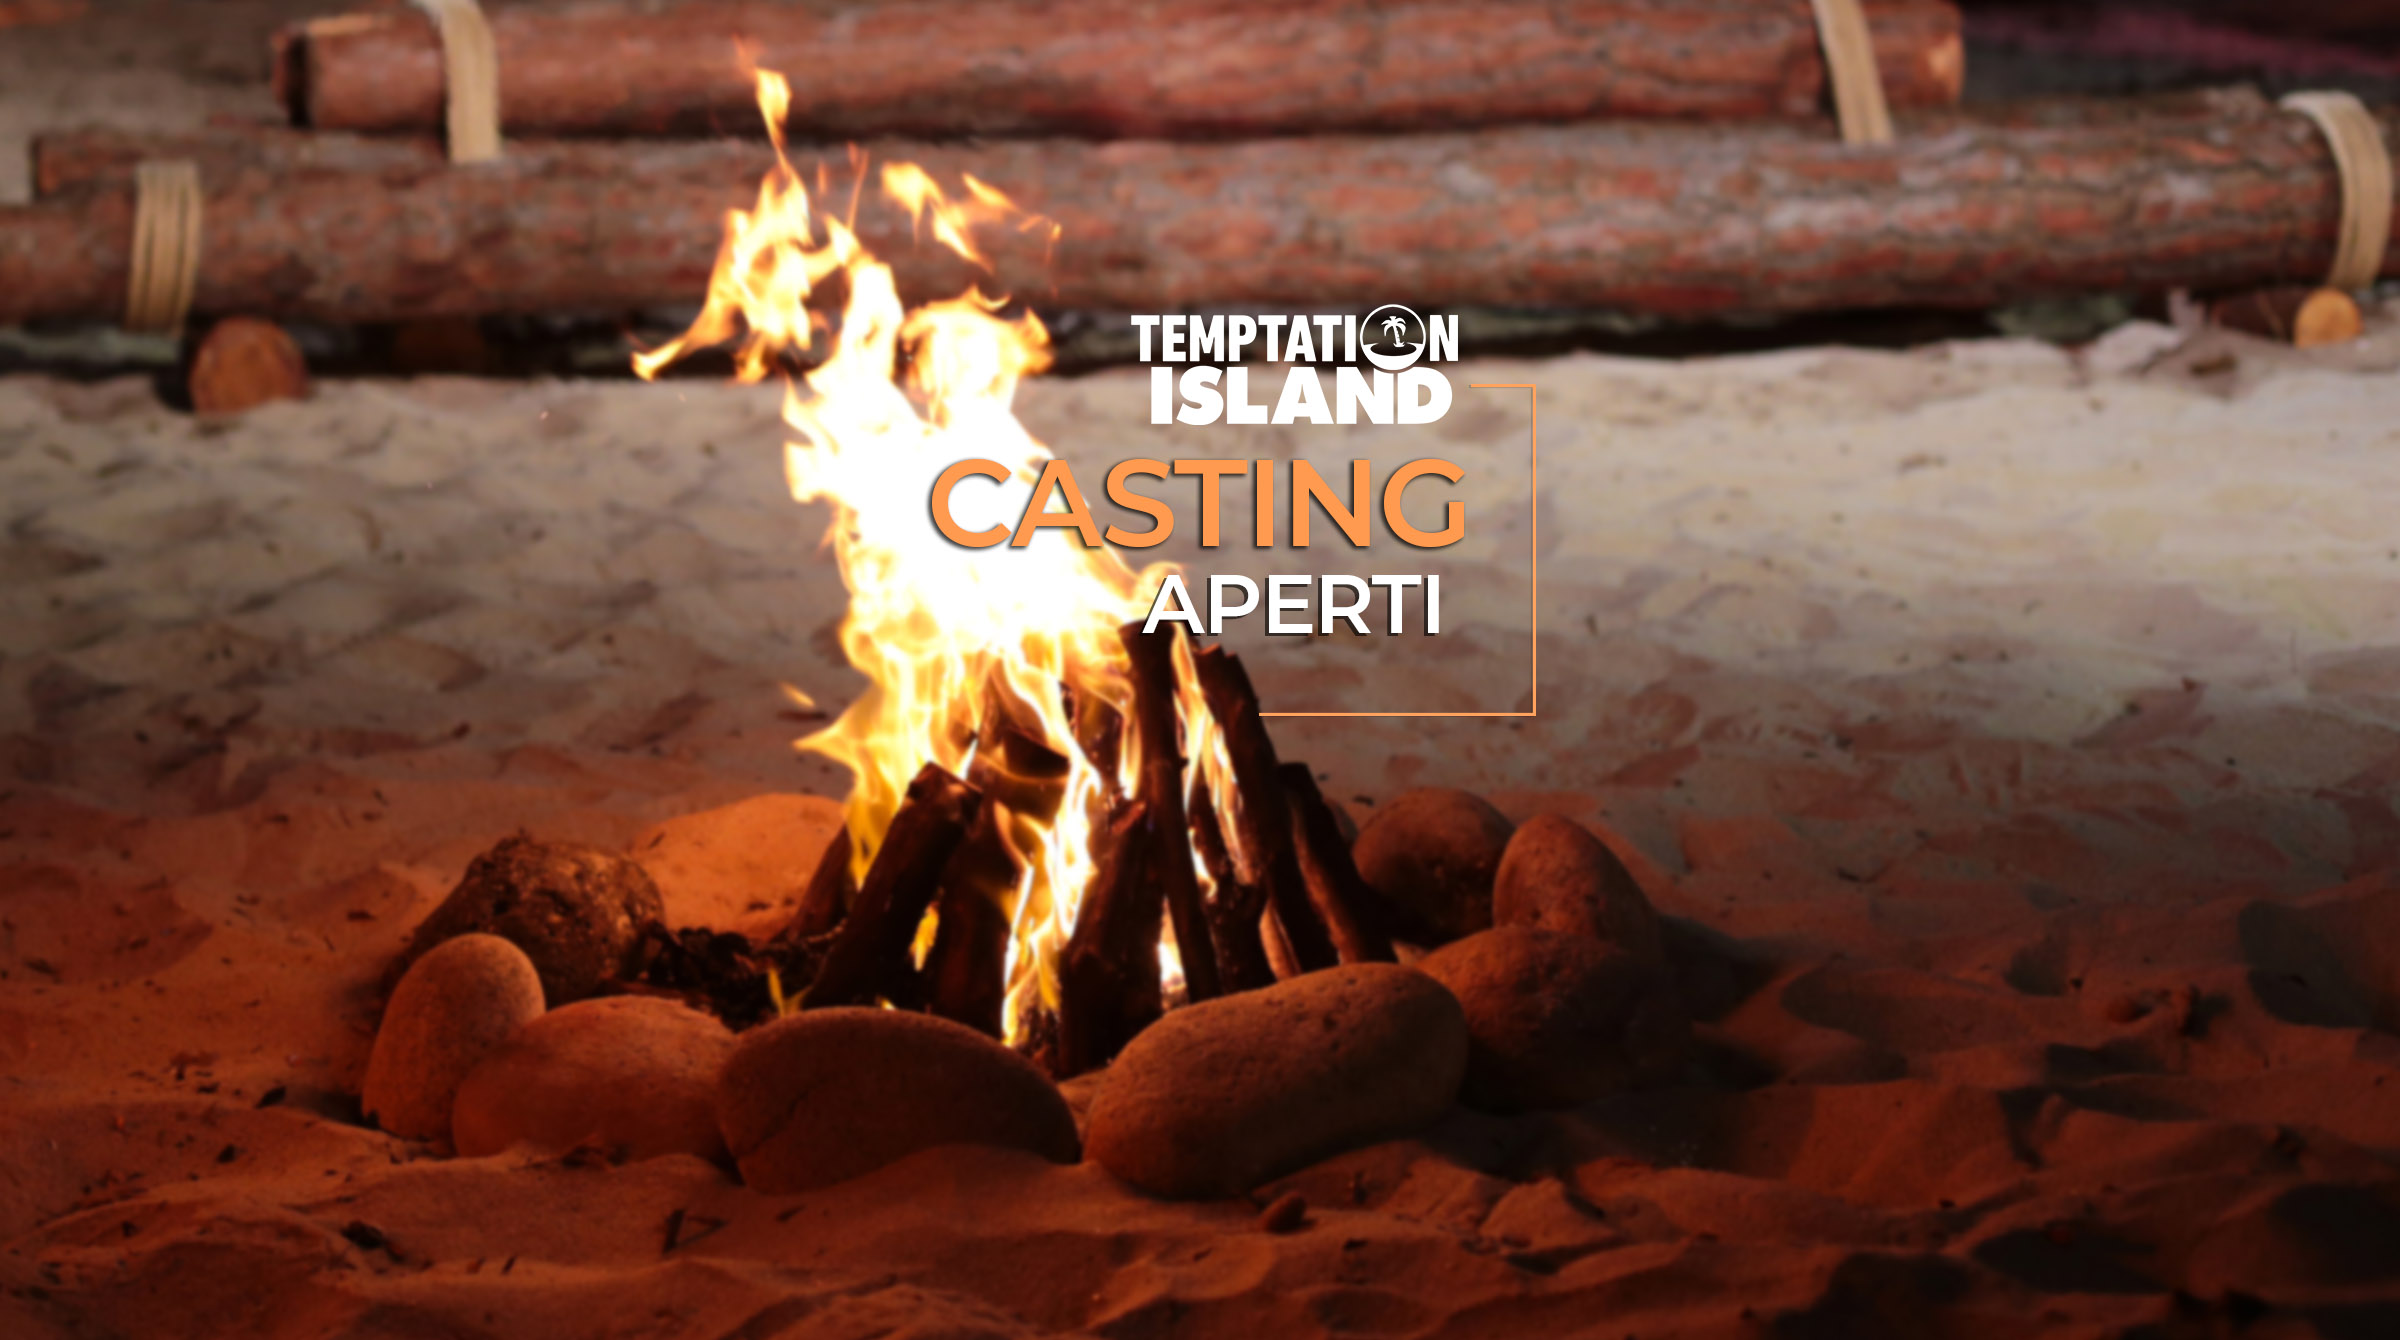 casting-temptationisland-wittytv